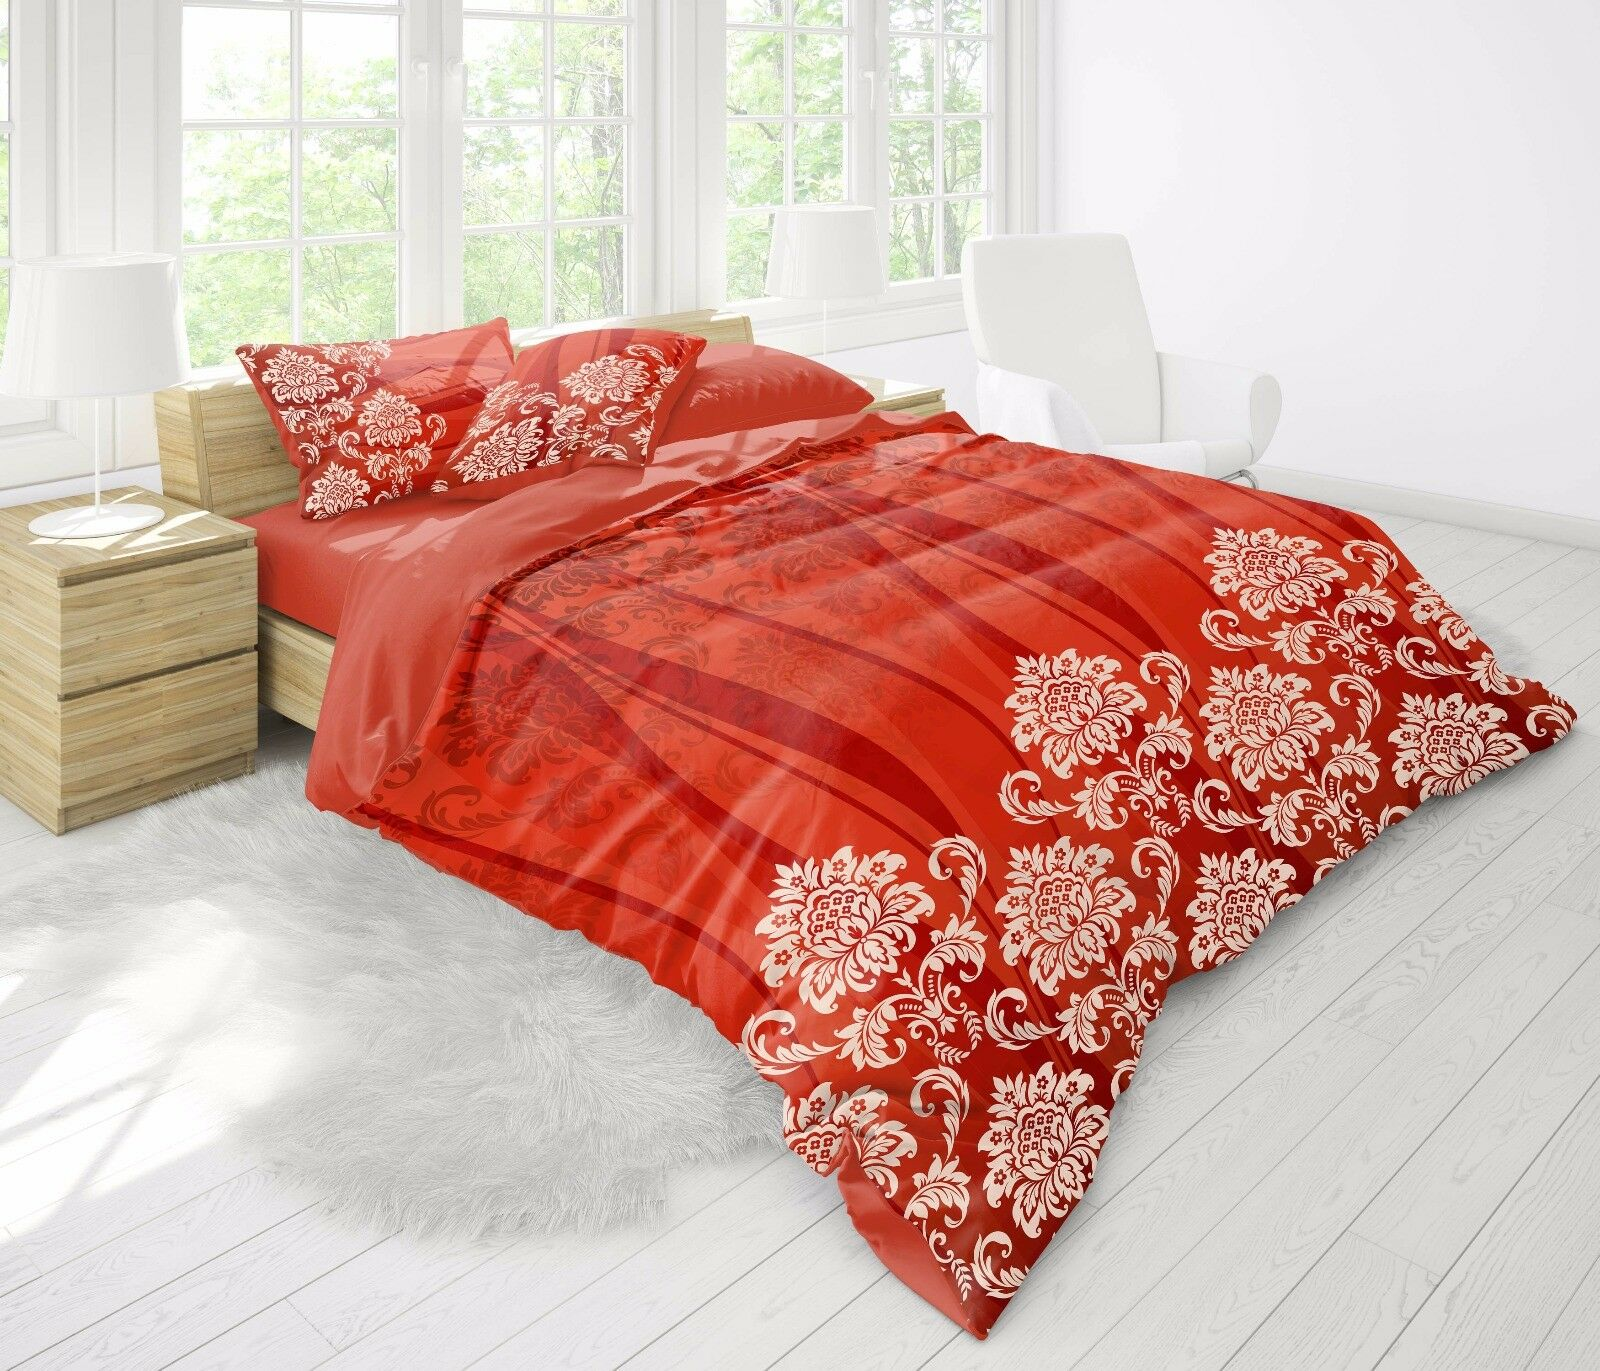 Bettwäsche 3D 220x240 cm Bettgarnitur Bettbezug 100% Baumwolle Kissen 6 tlg MOWE